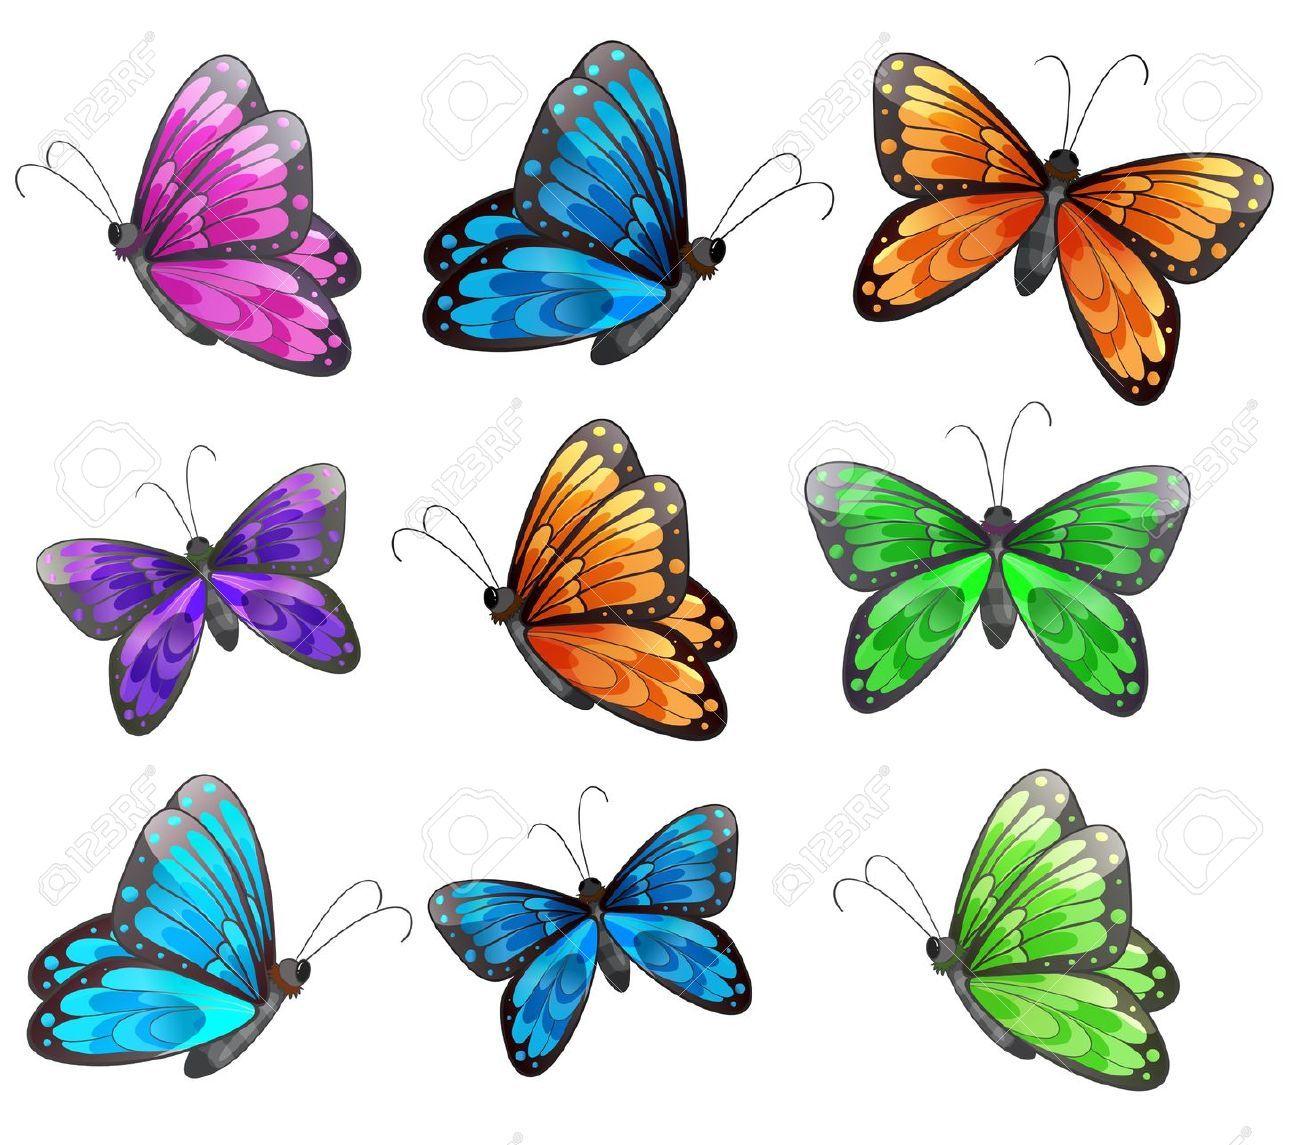 Papillon dessin recherche google dessin insectes papillons pinterest - Papillon dessin couleur ...